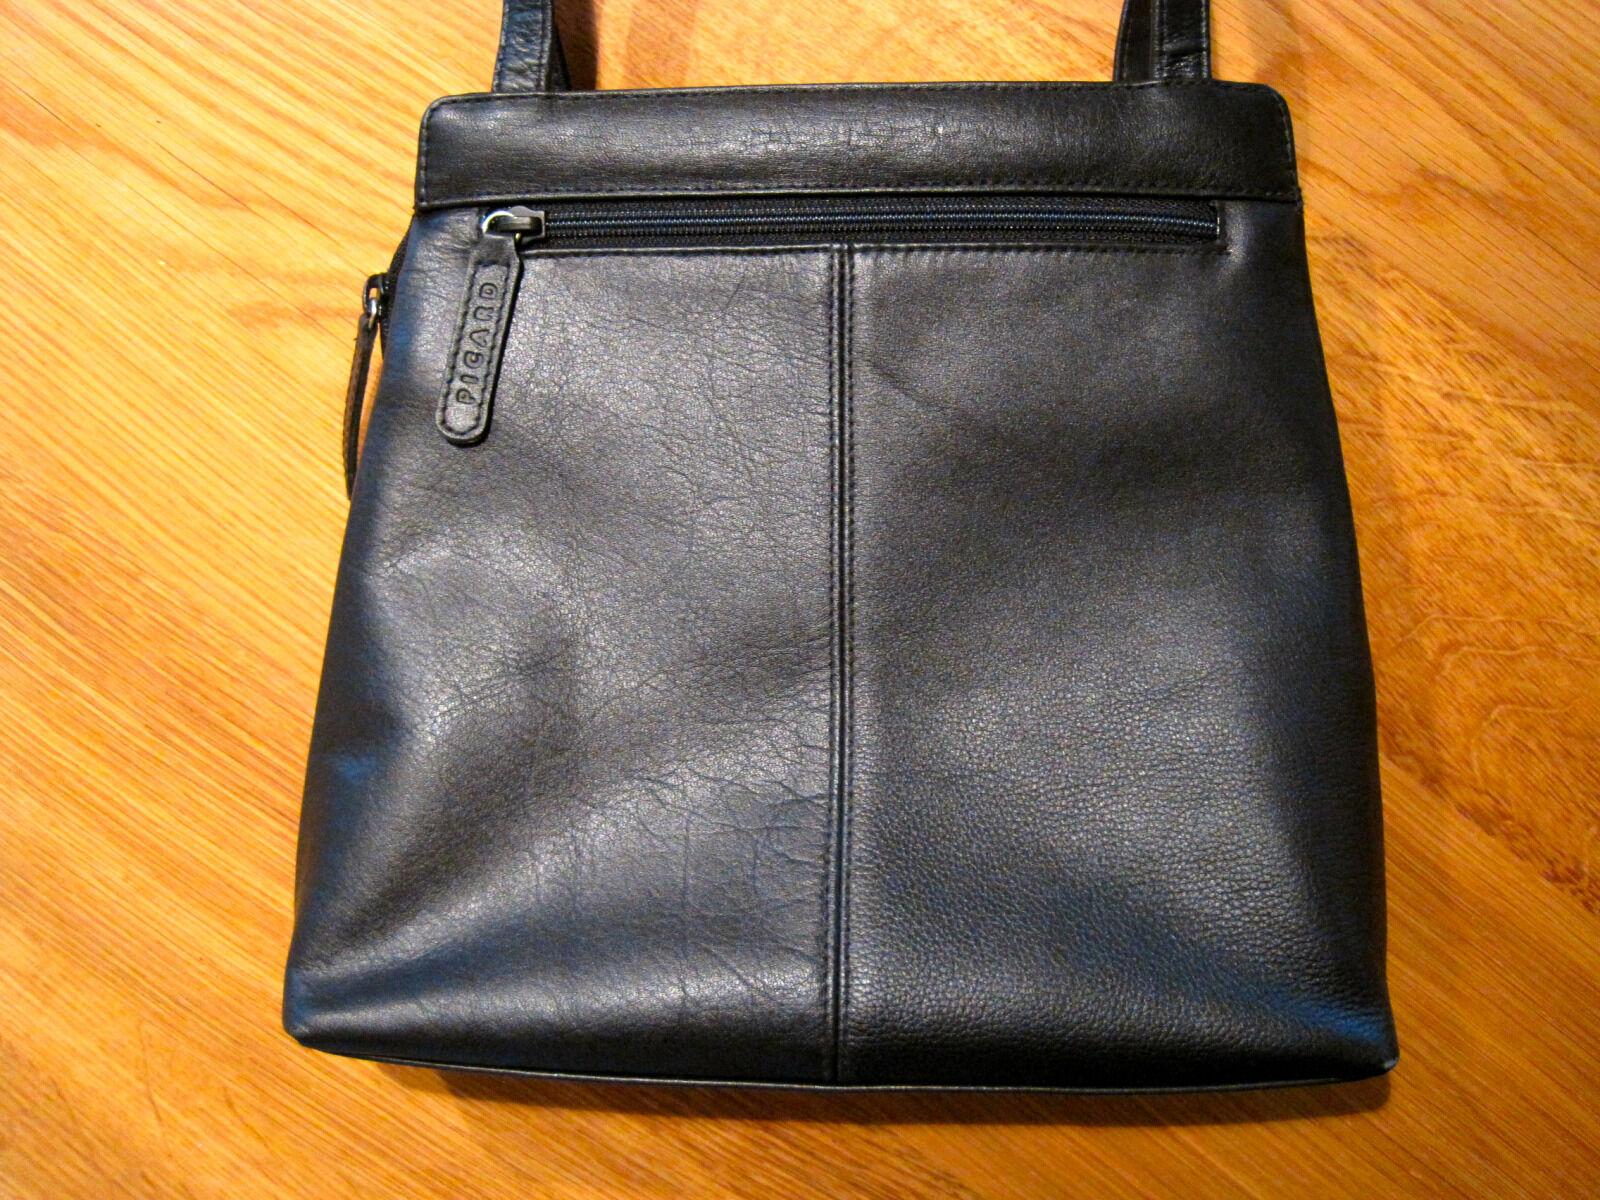 PICARD Leder Handtasche schwarz Schultertasche mit vielen schönen schönen schönen Details       Toy Story    Queensland    Kaufen Sie beruhigt und glücklich spielen  8cf3d3